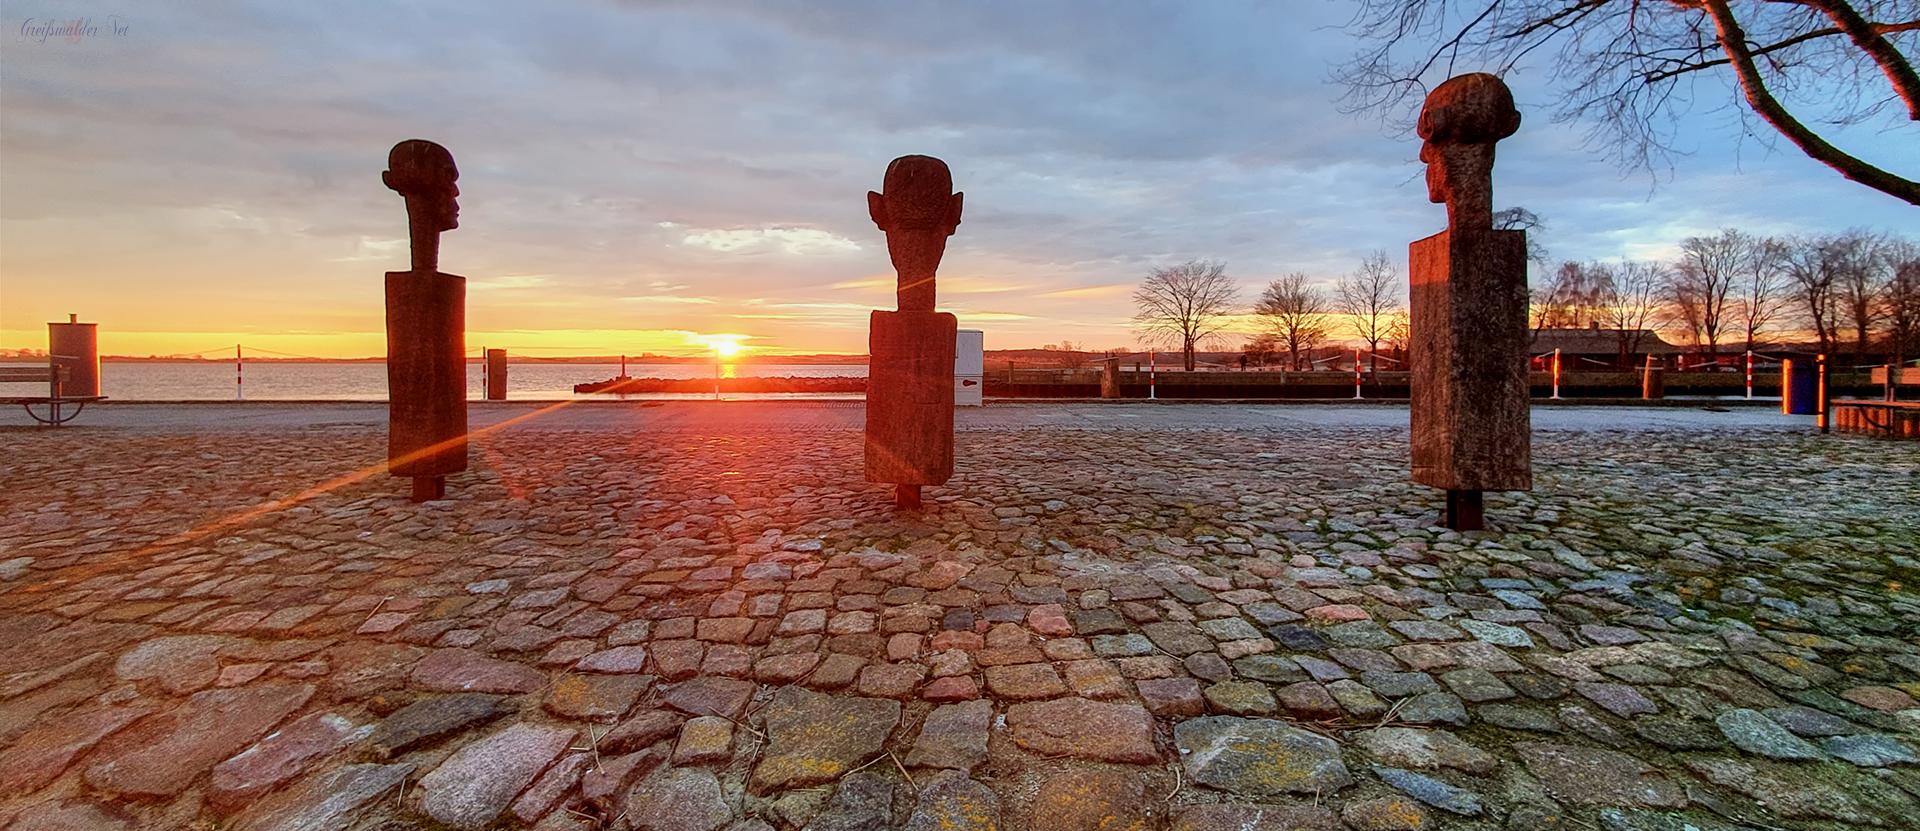 """Sonnenaufgang bei """"Die drei Weisen"""" an der Mole in Greifswald-Wieck"""